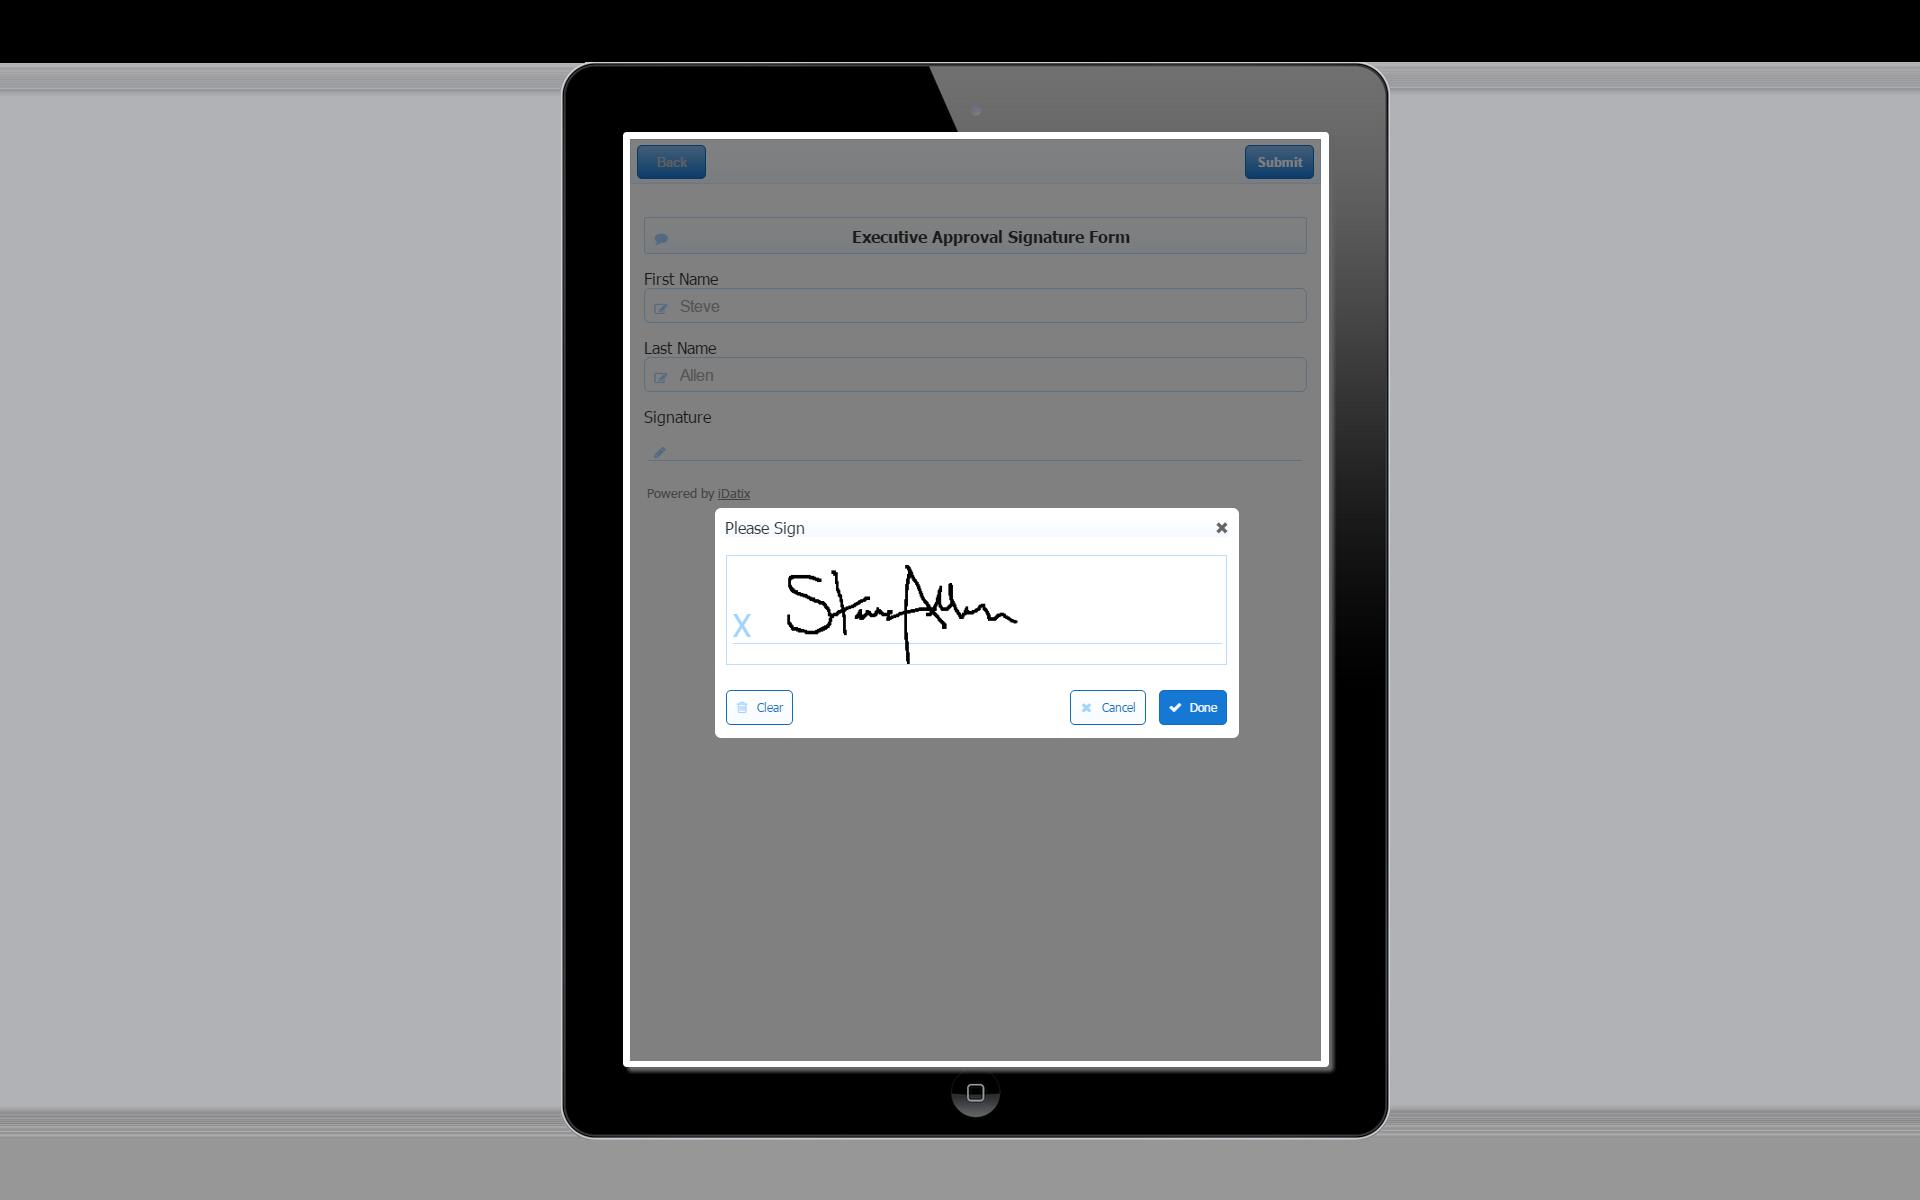 iSynergy 6.0 Wet Signature